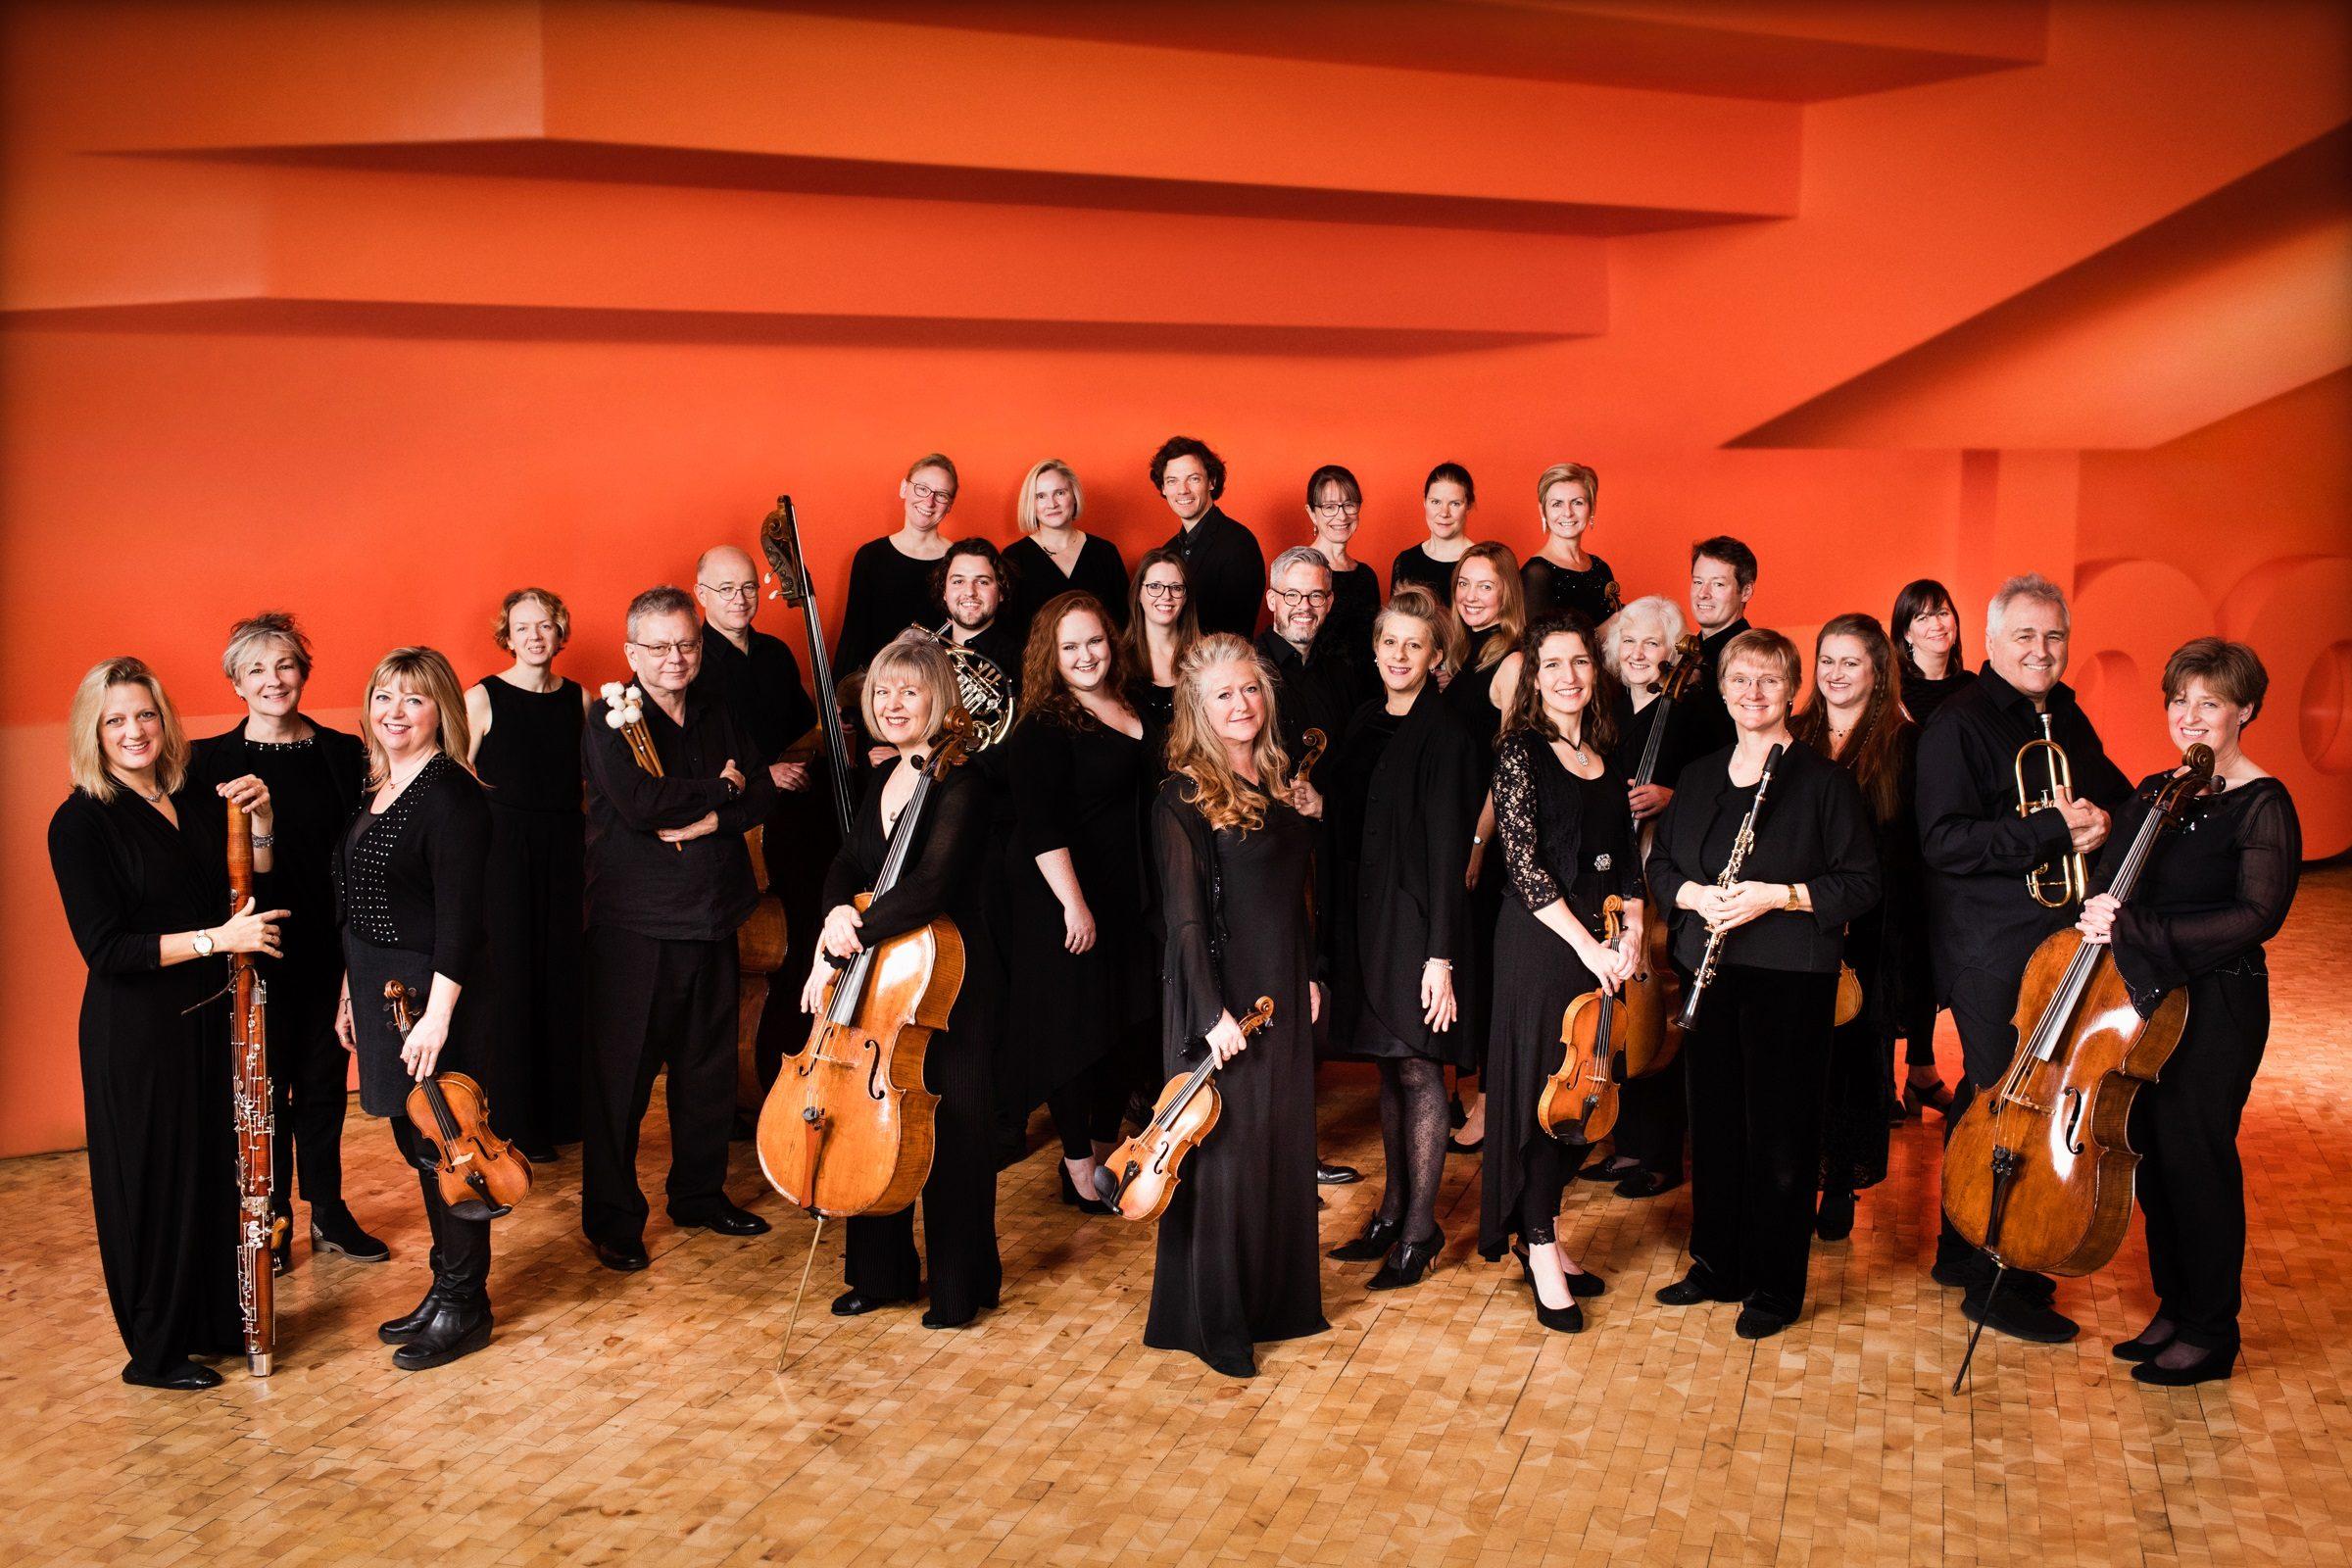 017 colour medium size - Britten Sinfonia 17 Jan 2019.jpg